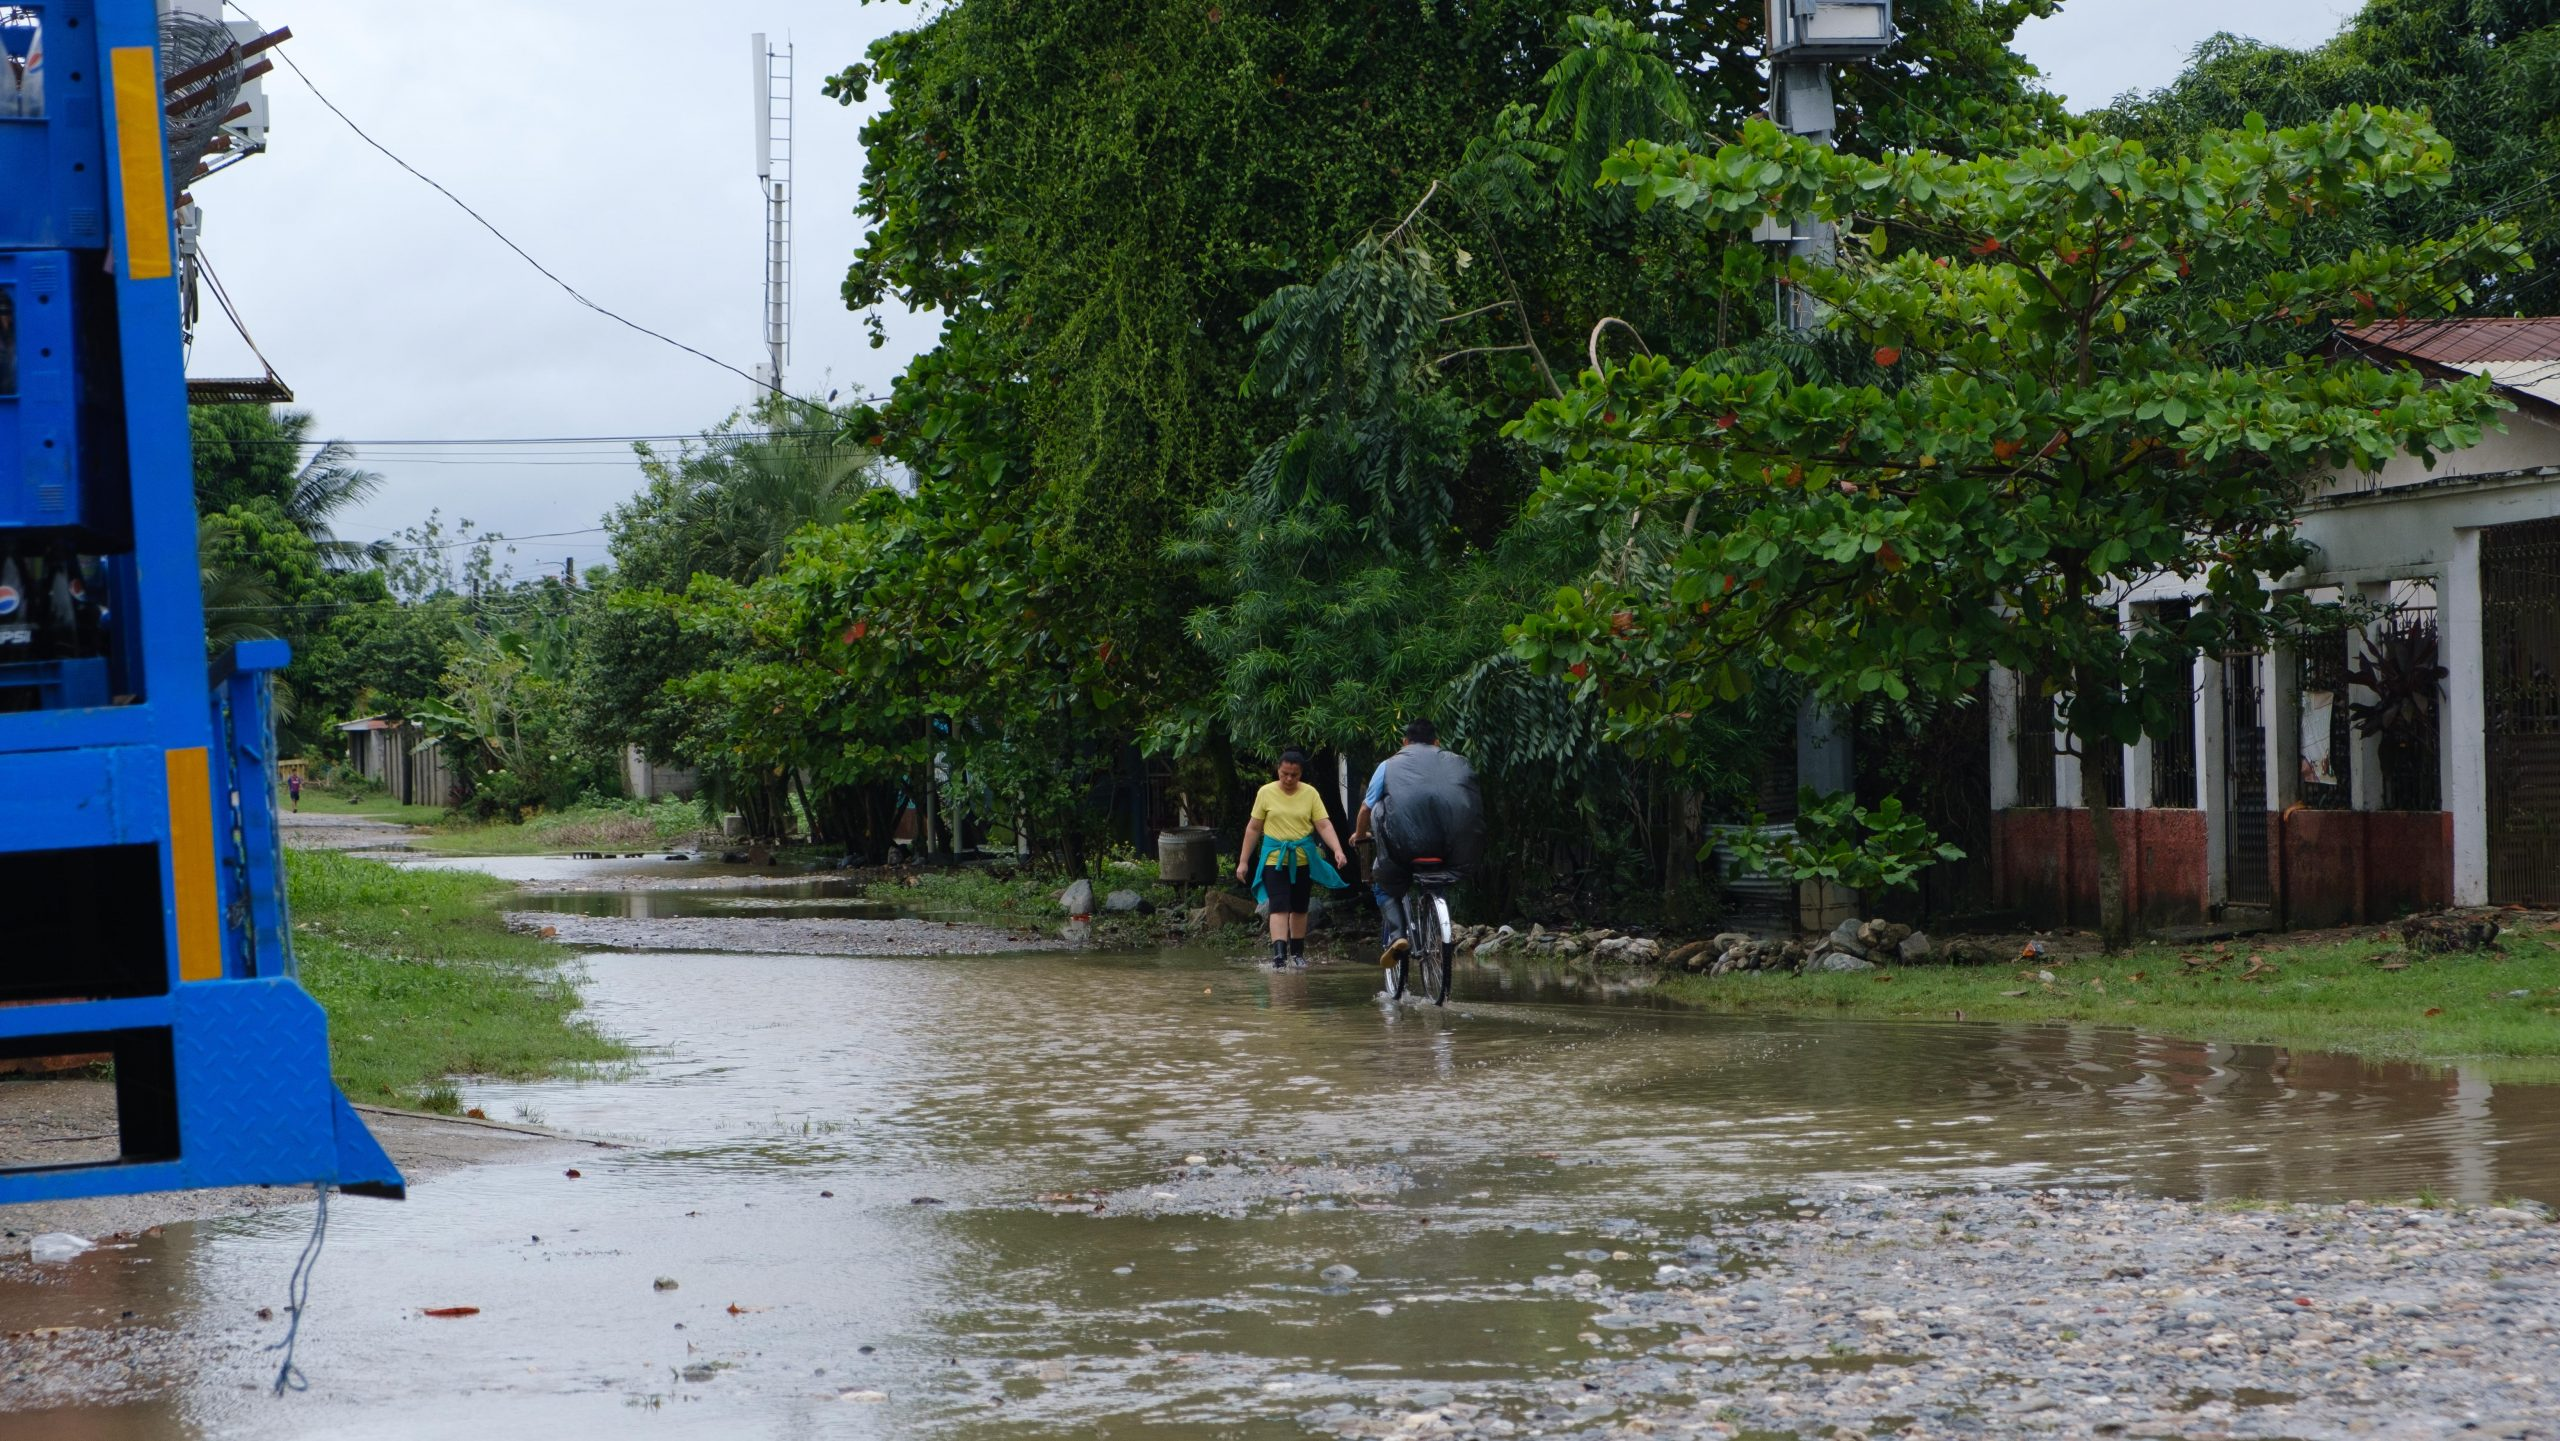 Varias calles de la colonia Palermo también se inundaron por las lluvias. El Progreso, Yoro, 3 de nov de 2020. Foto, Deiby Yanes.